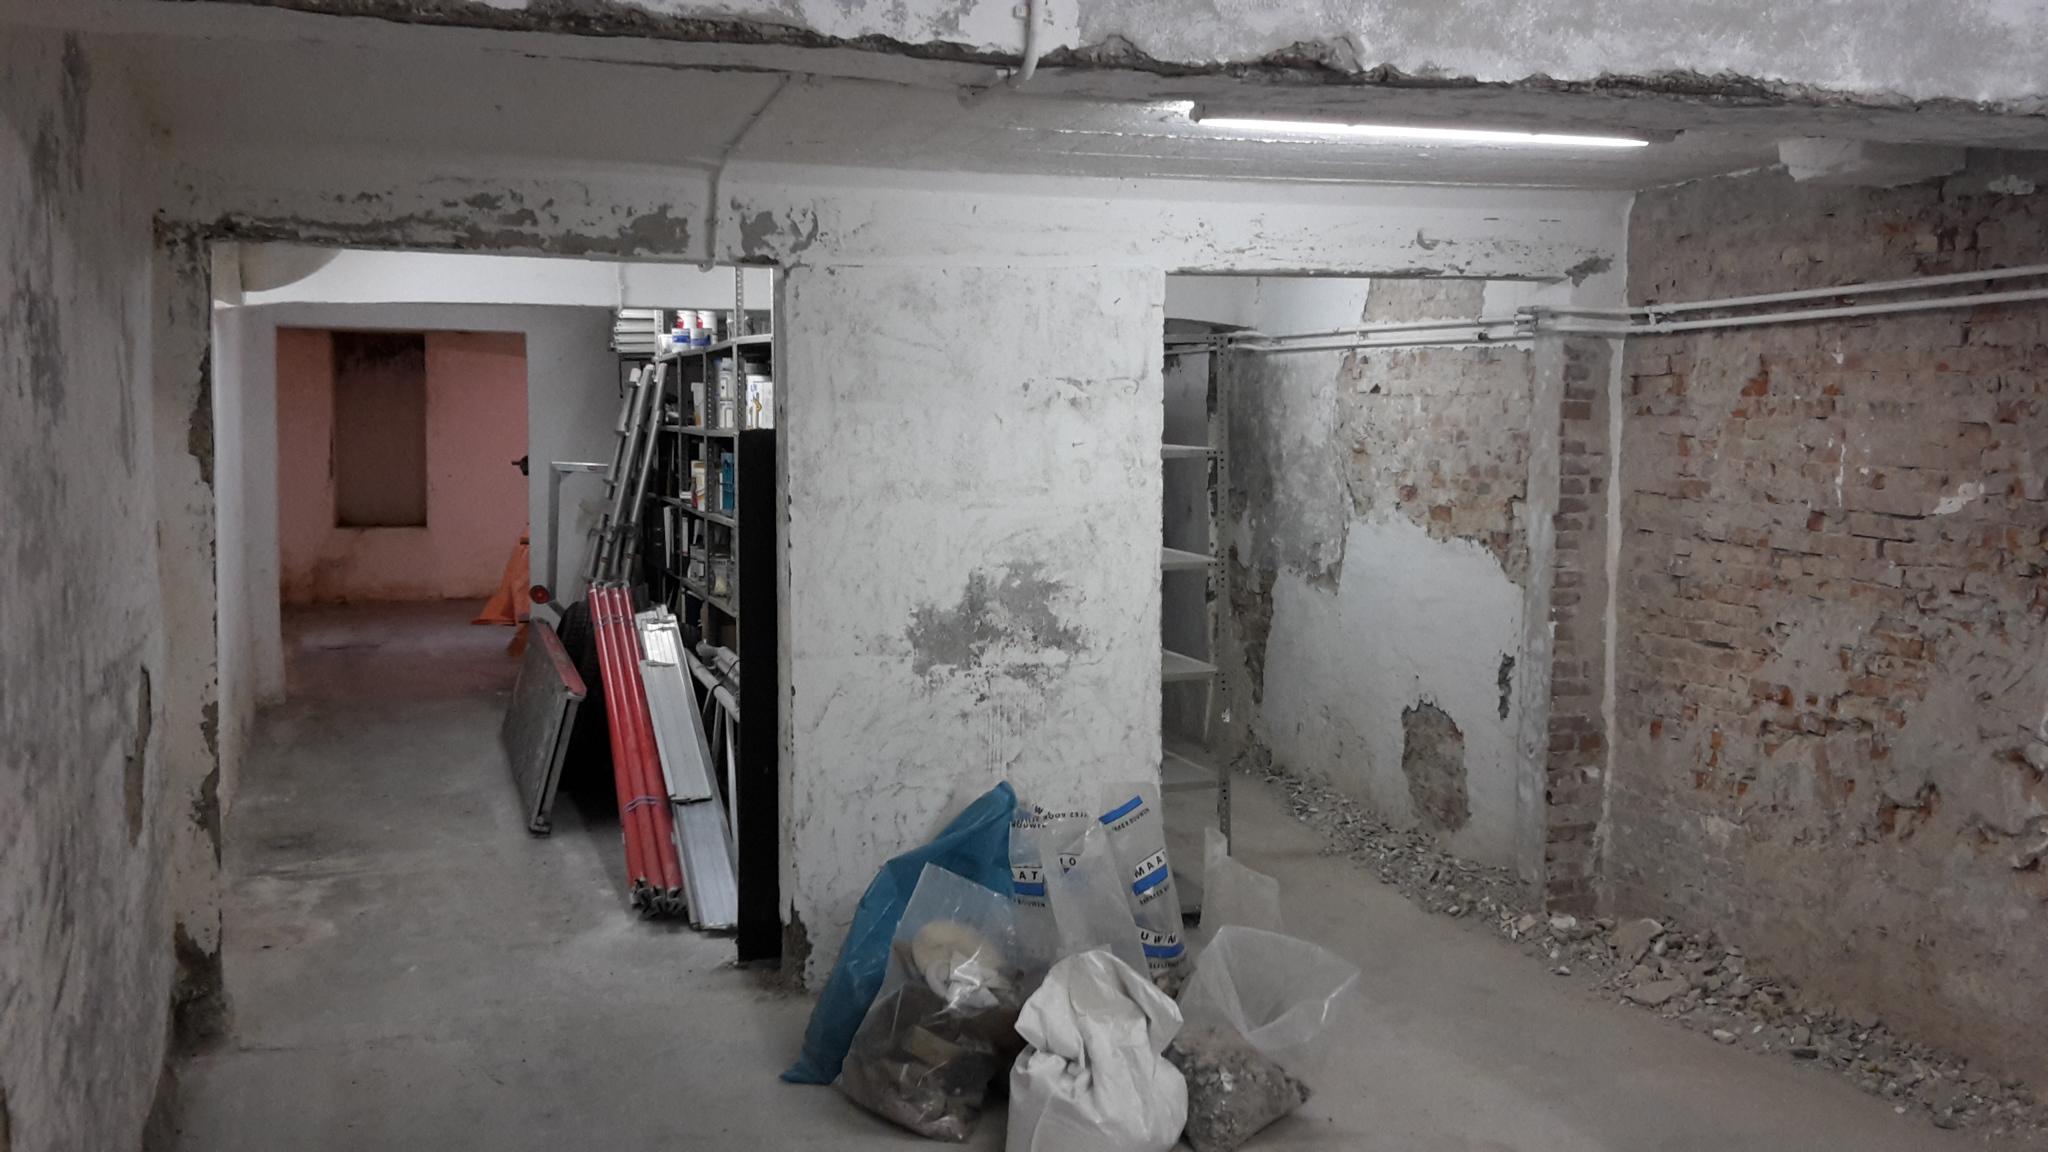 verbouwing transformatie woning den haag bouwbegeleiding architect tekenbureau bouwvergunning omgevingsvergunning begeleiding toezicht directievoering aannemer renovatie souterrain industrieel